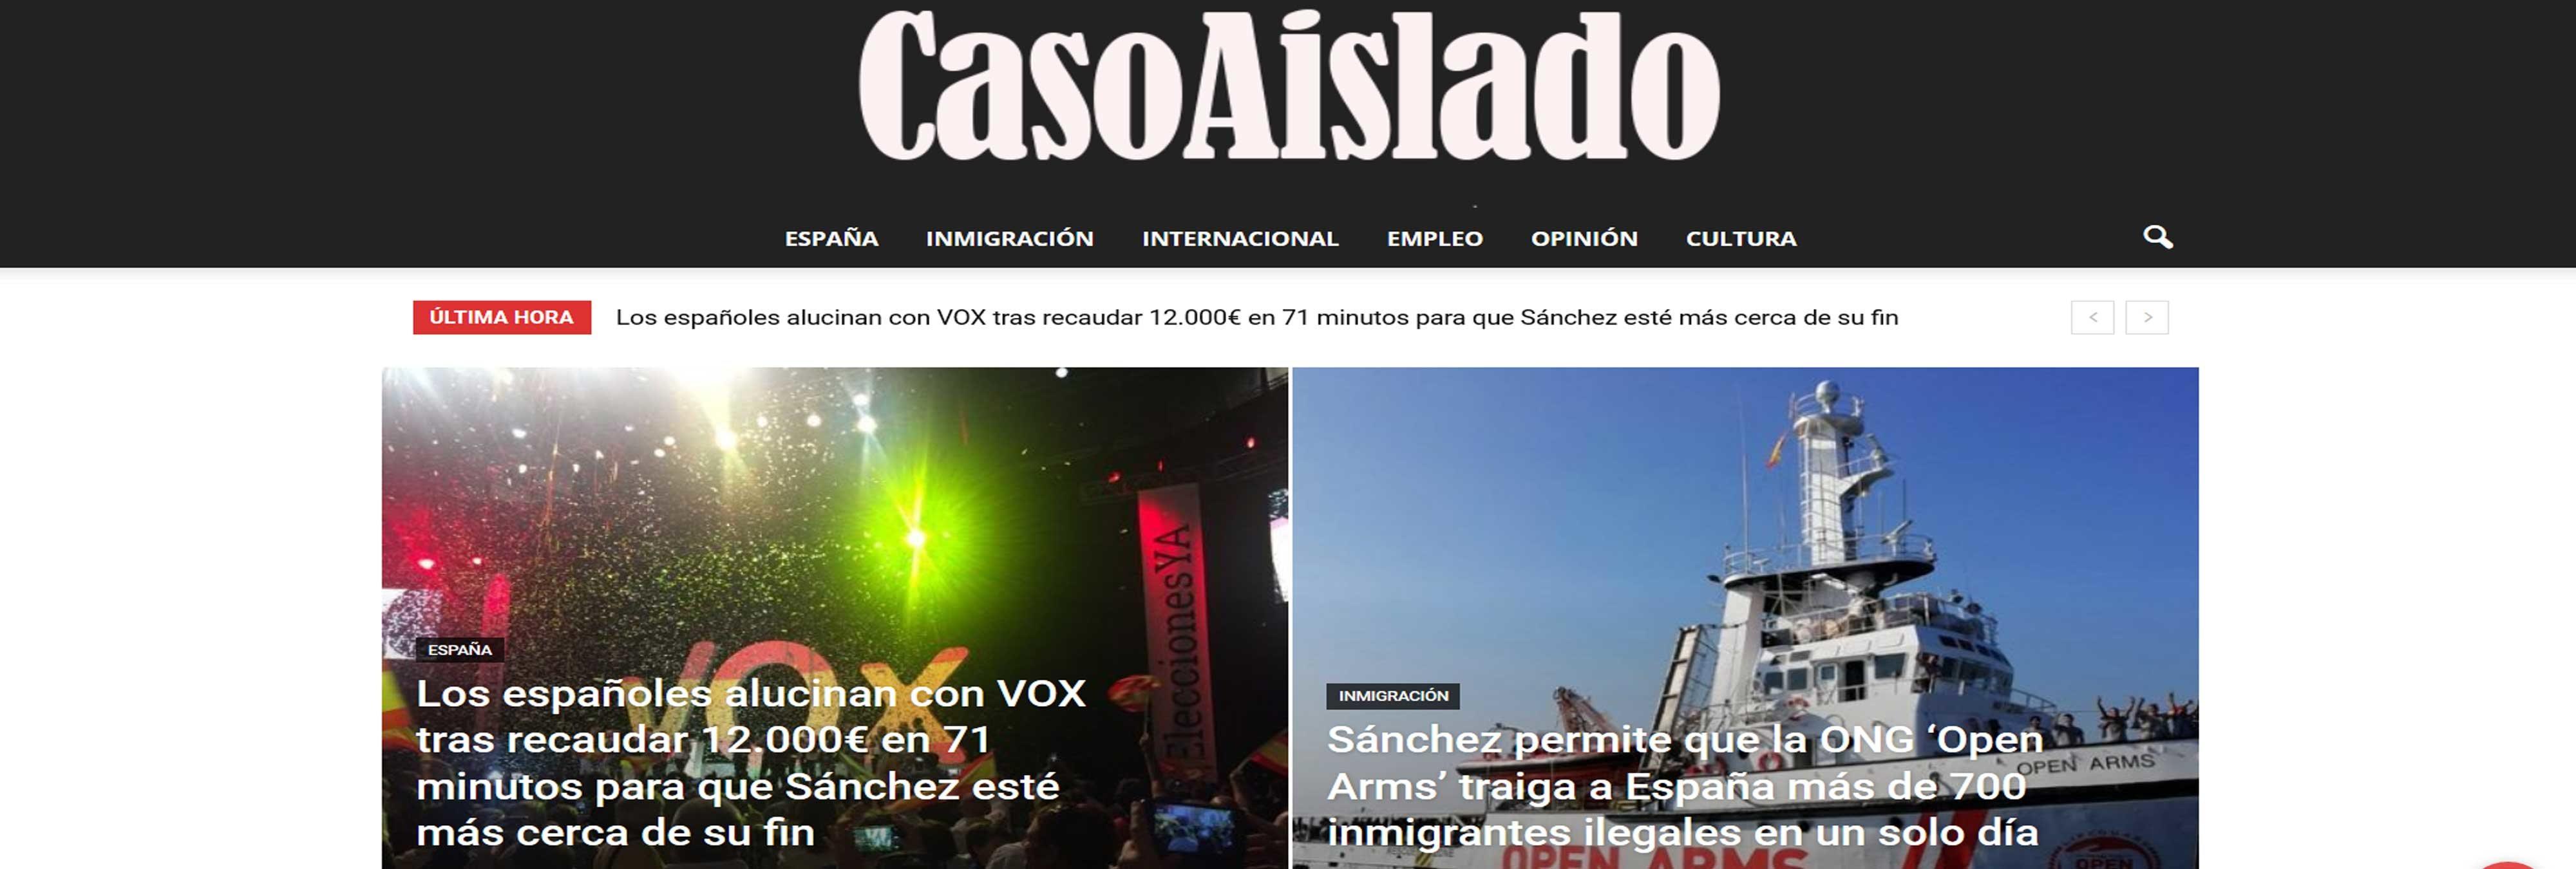 El portal 'Caso Aislado', una maquina de fabricar fake news vinculada a VOX